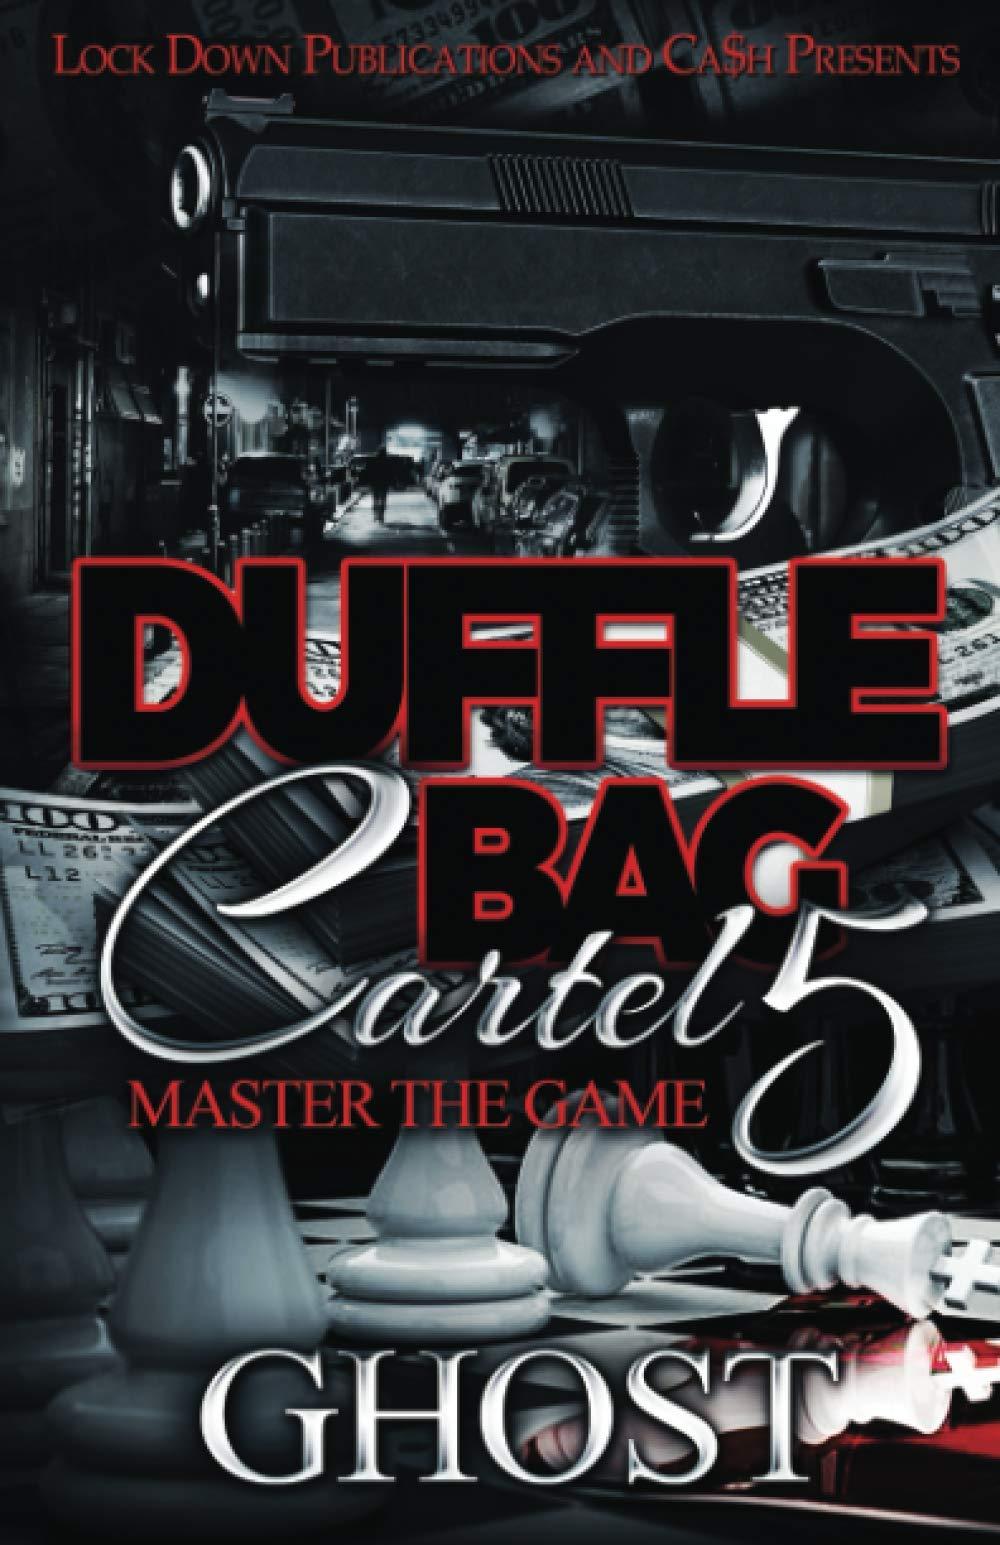 Book Cover: Duffle Bag Cartel 5